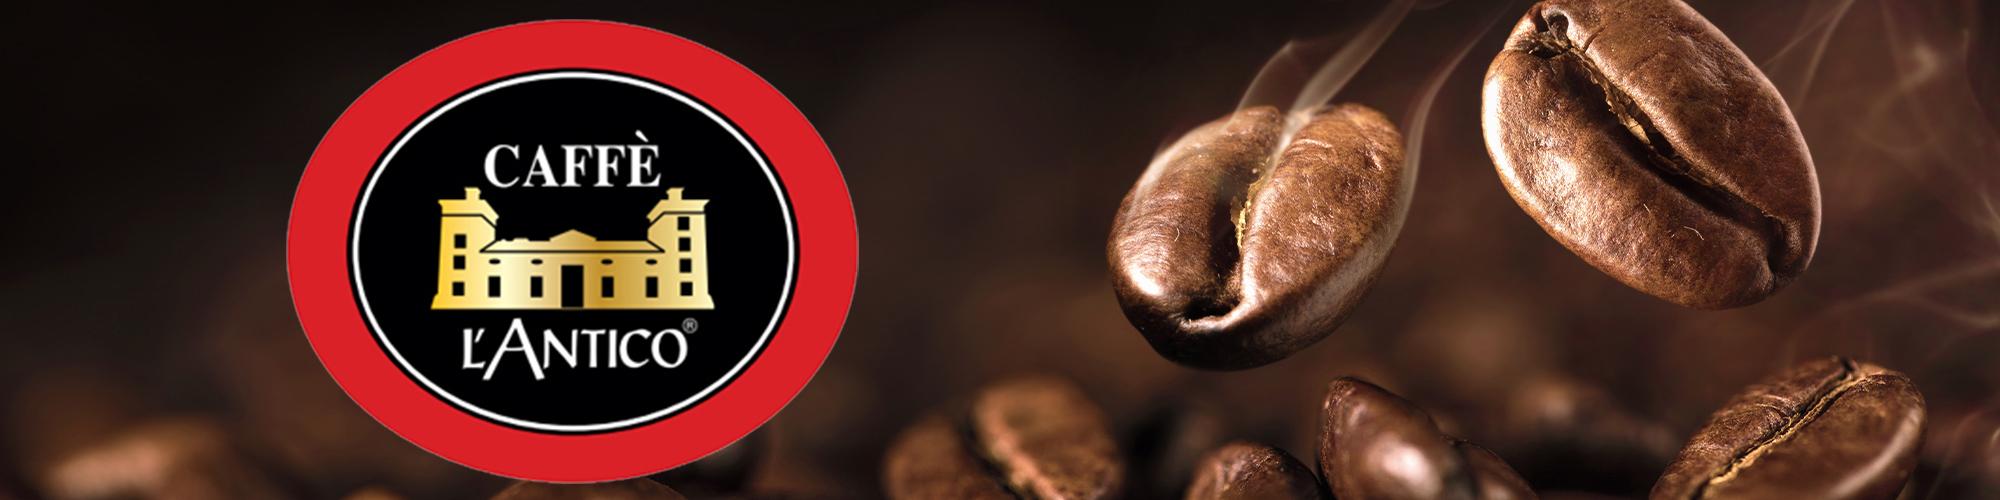 Caffe-lantico-Shop